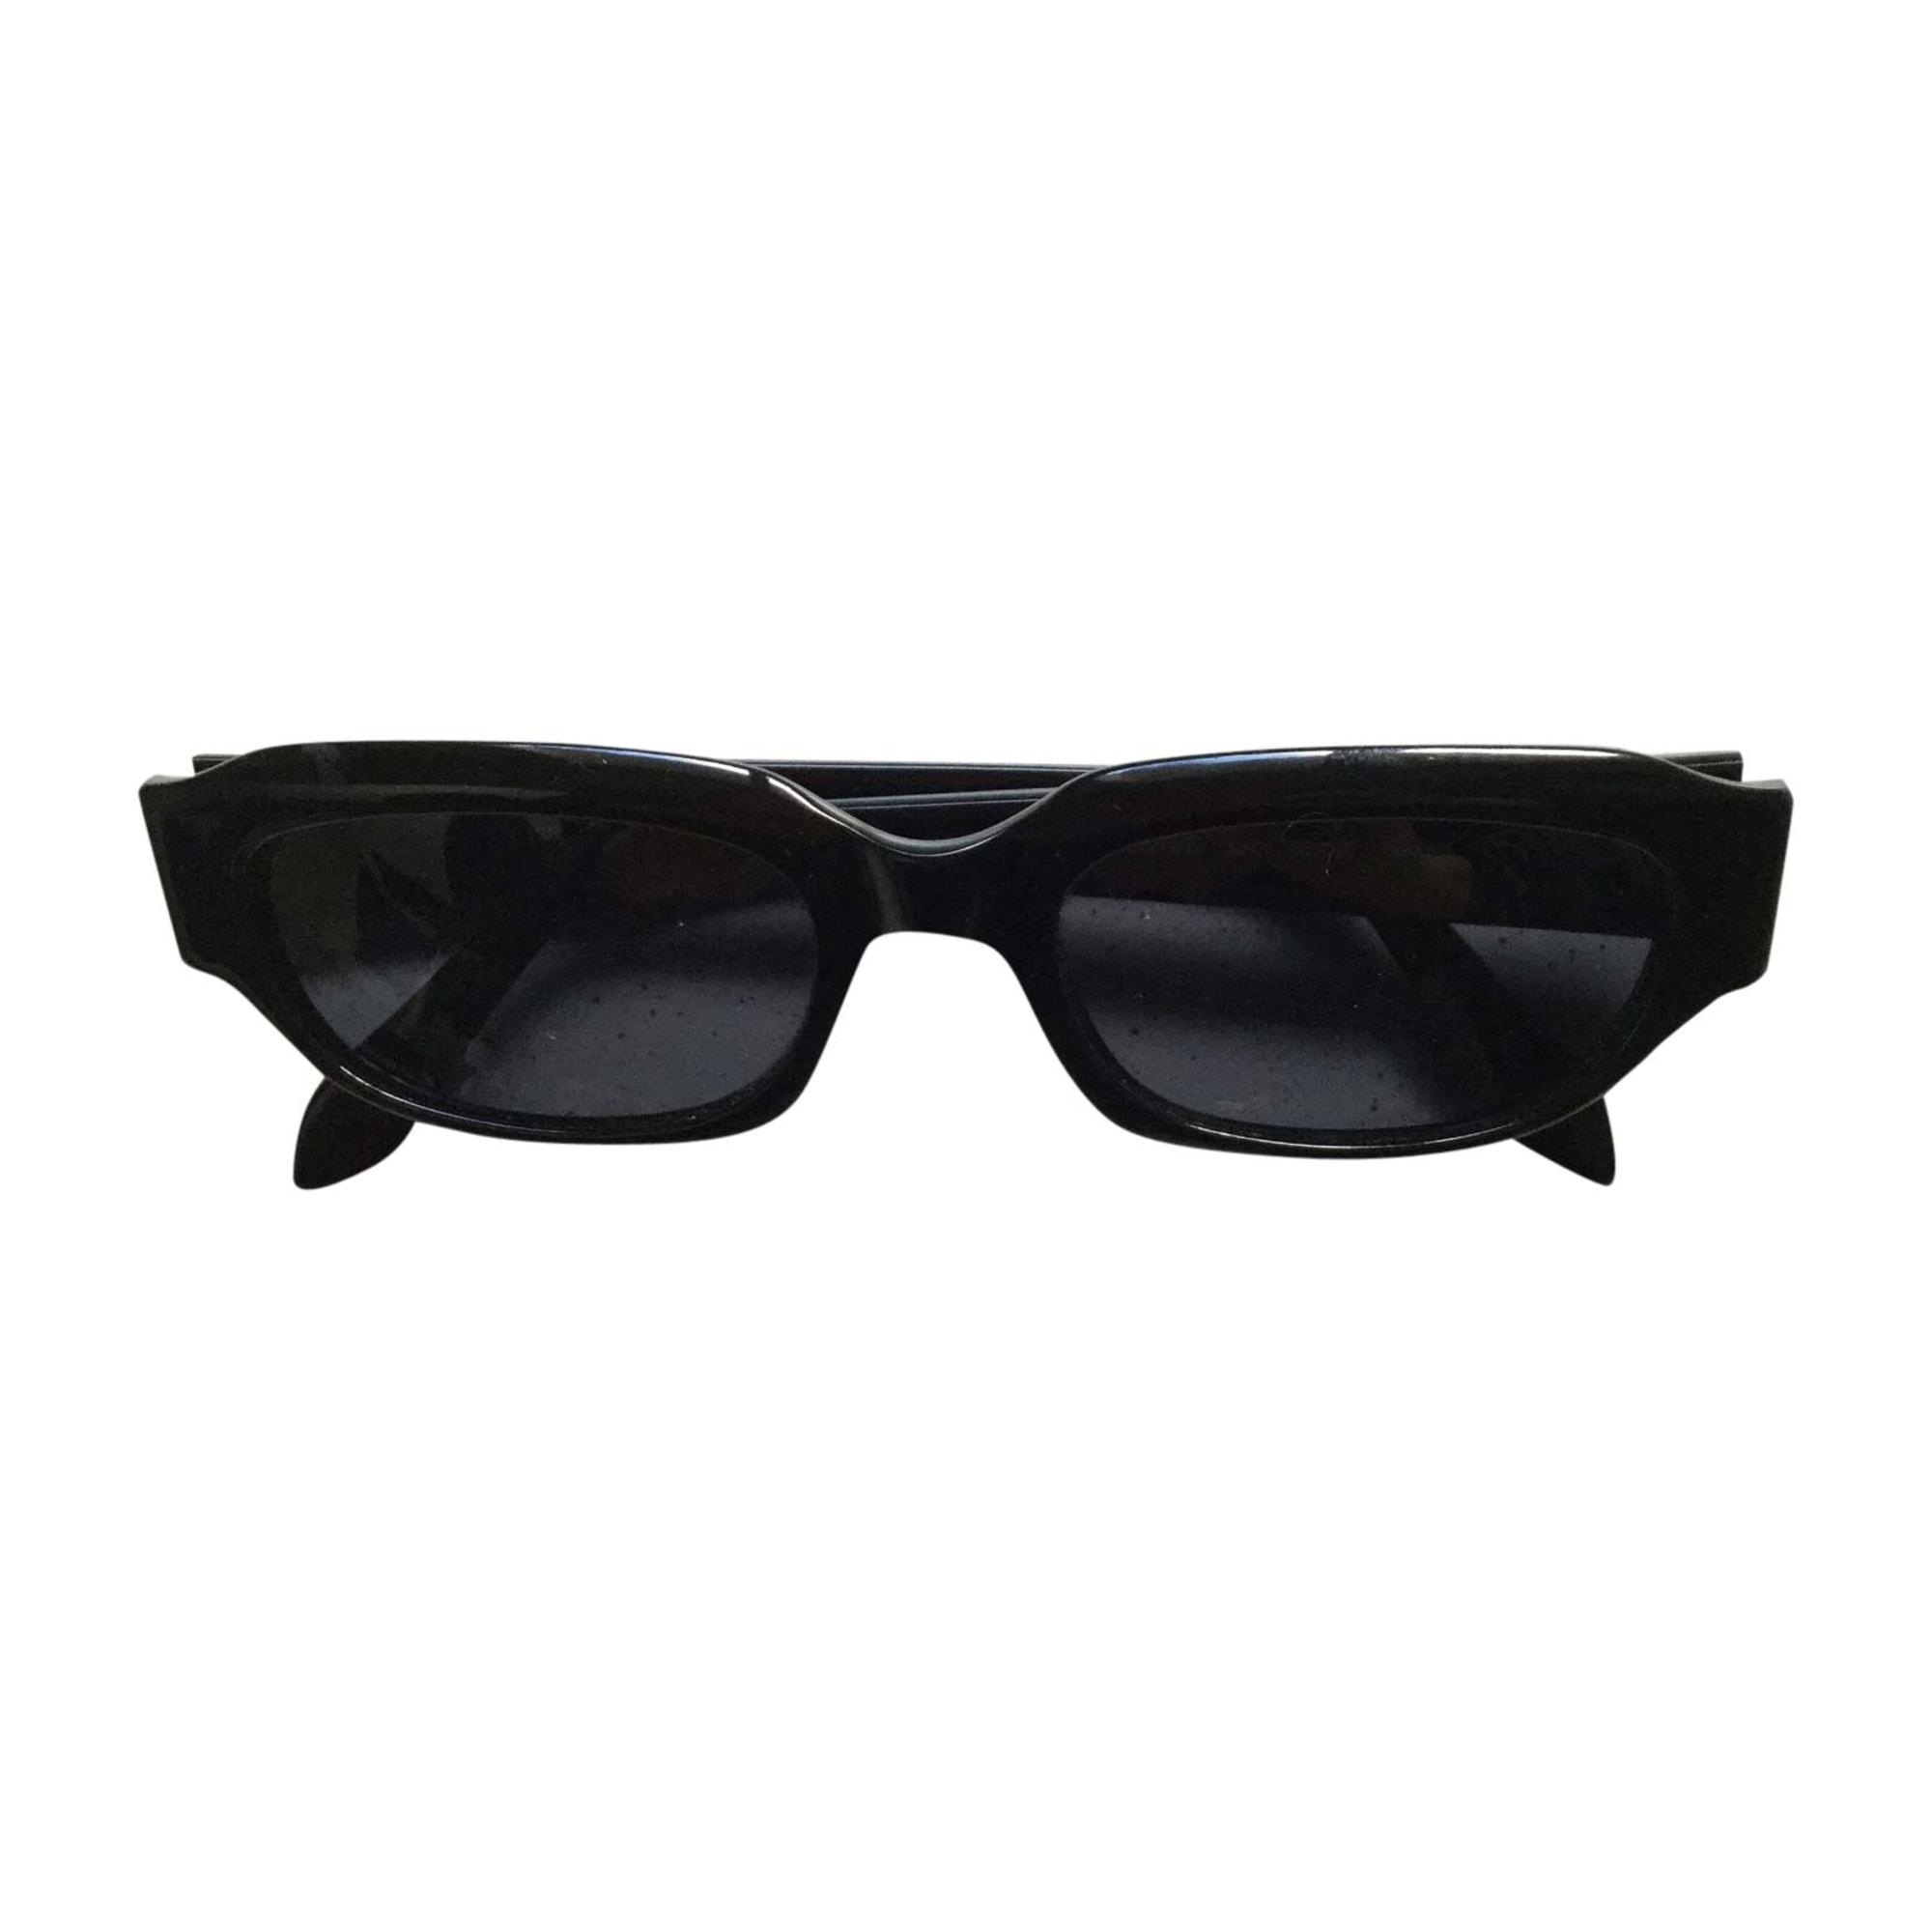 Sunglasses GUCCI Black